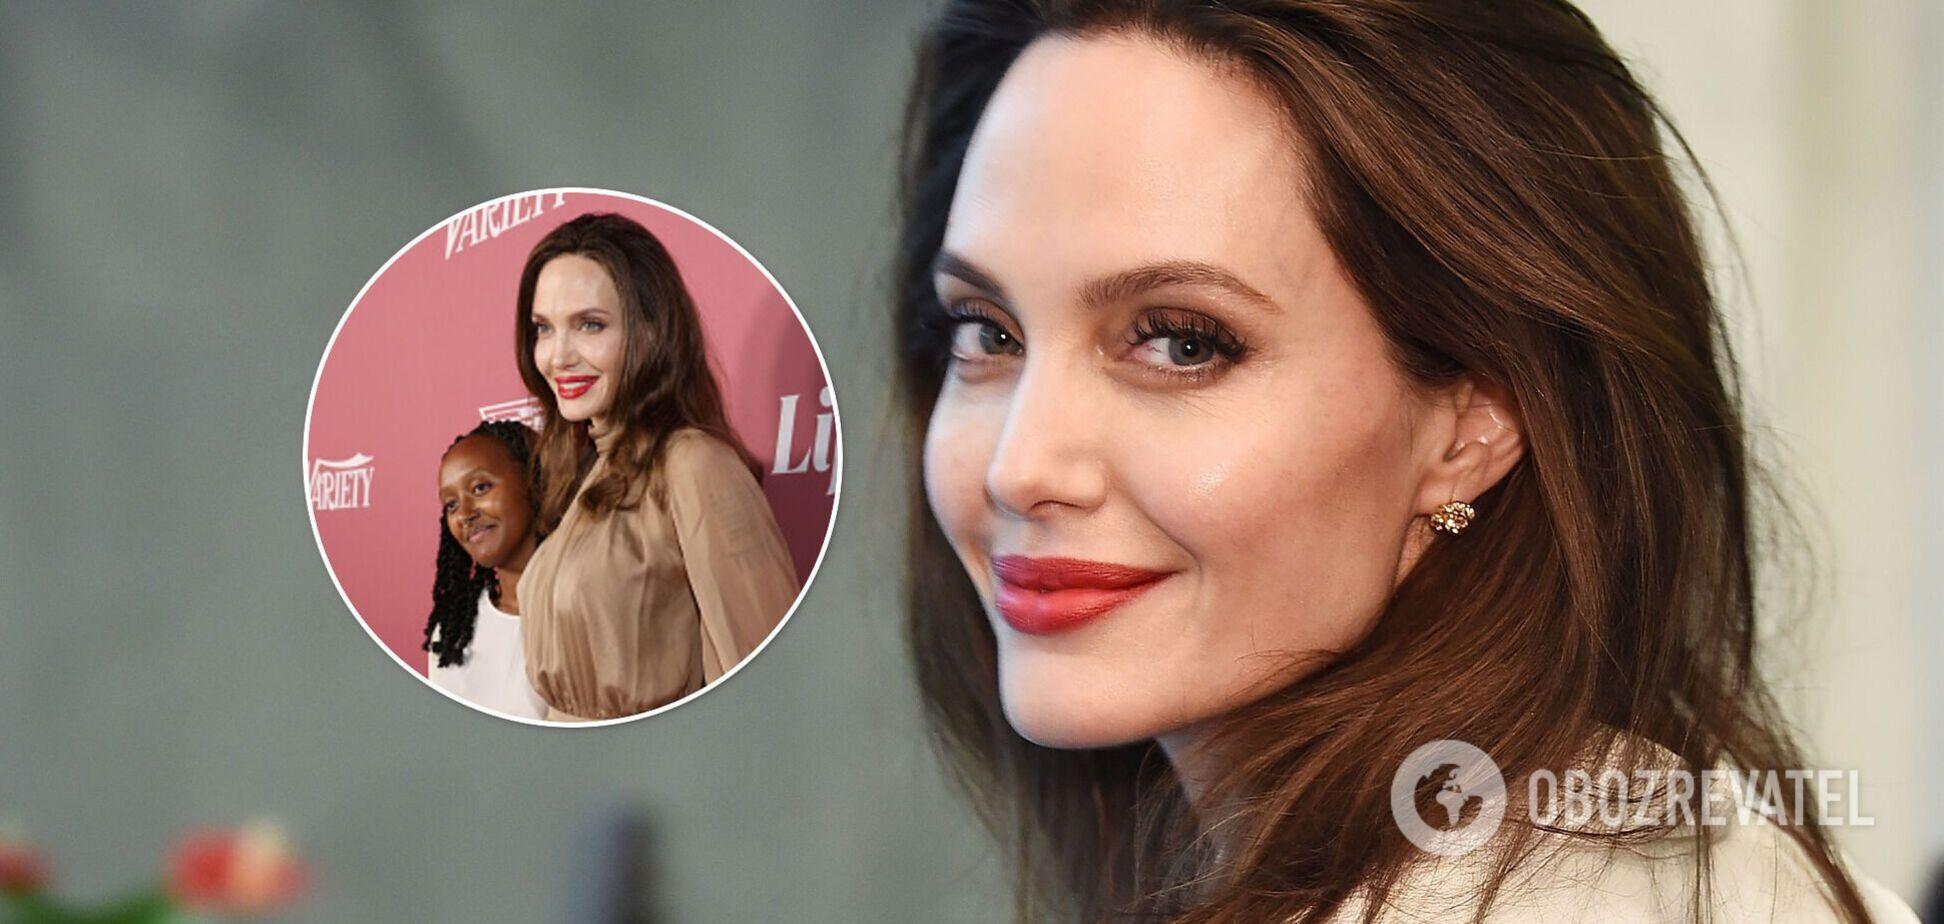 Анджеліна Джолі в елегантному образі пройшлася по червоній доріжці в Беверлі-Хілз. Фото